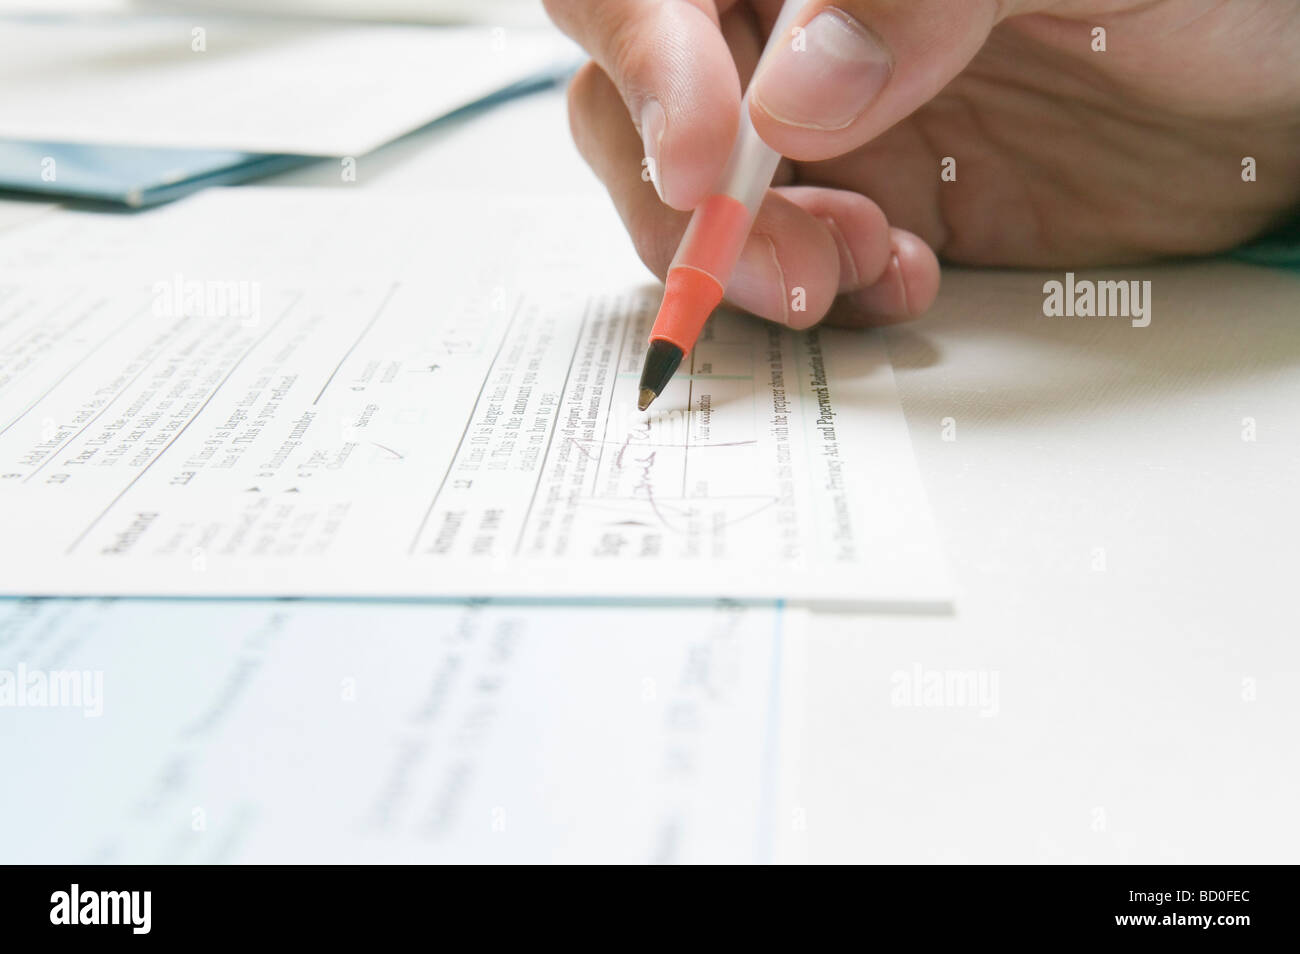 La signature d'un formulaire d'impôt IRS Photo Stock